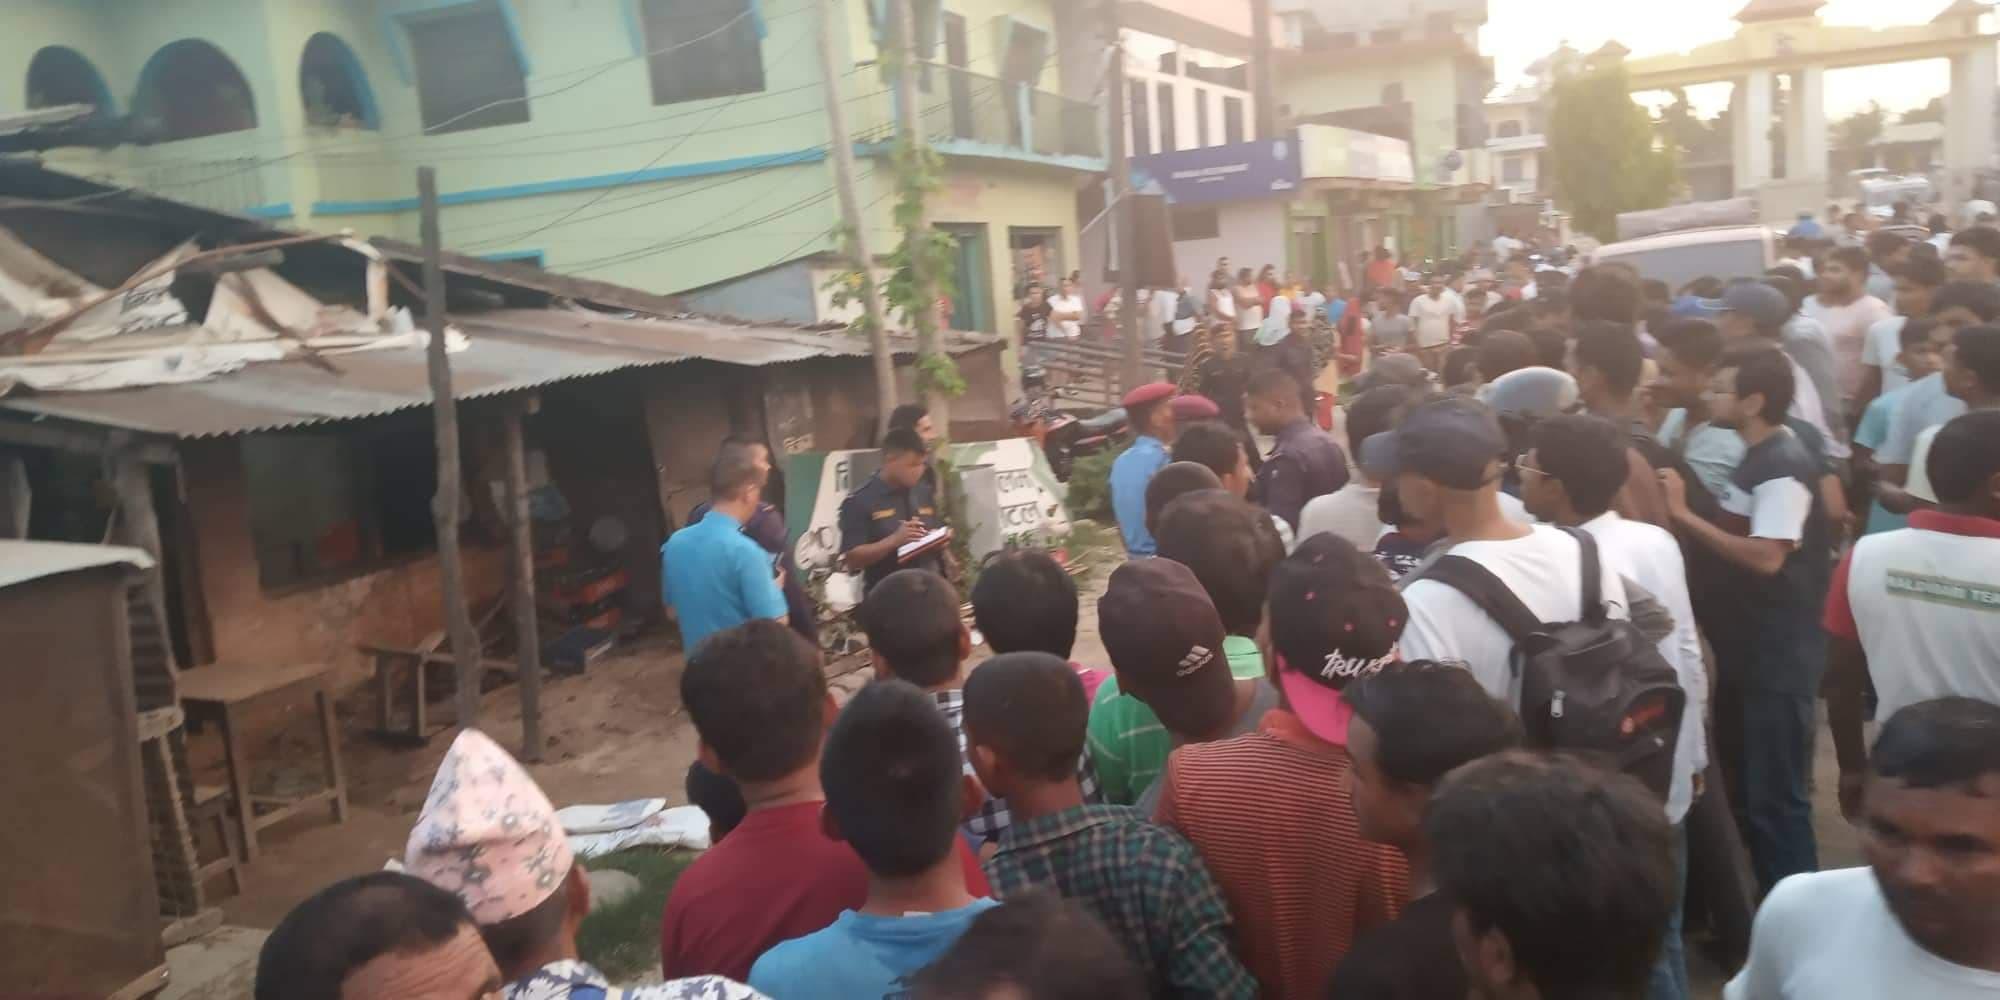 धनगढीमा विस्फोट हुँदा पाँच घाइते, घटनास्थलमा पेस्तोल भेटियो